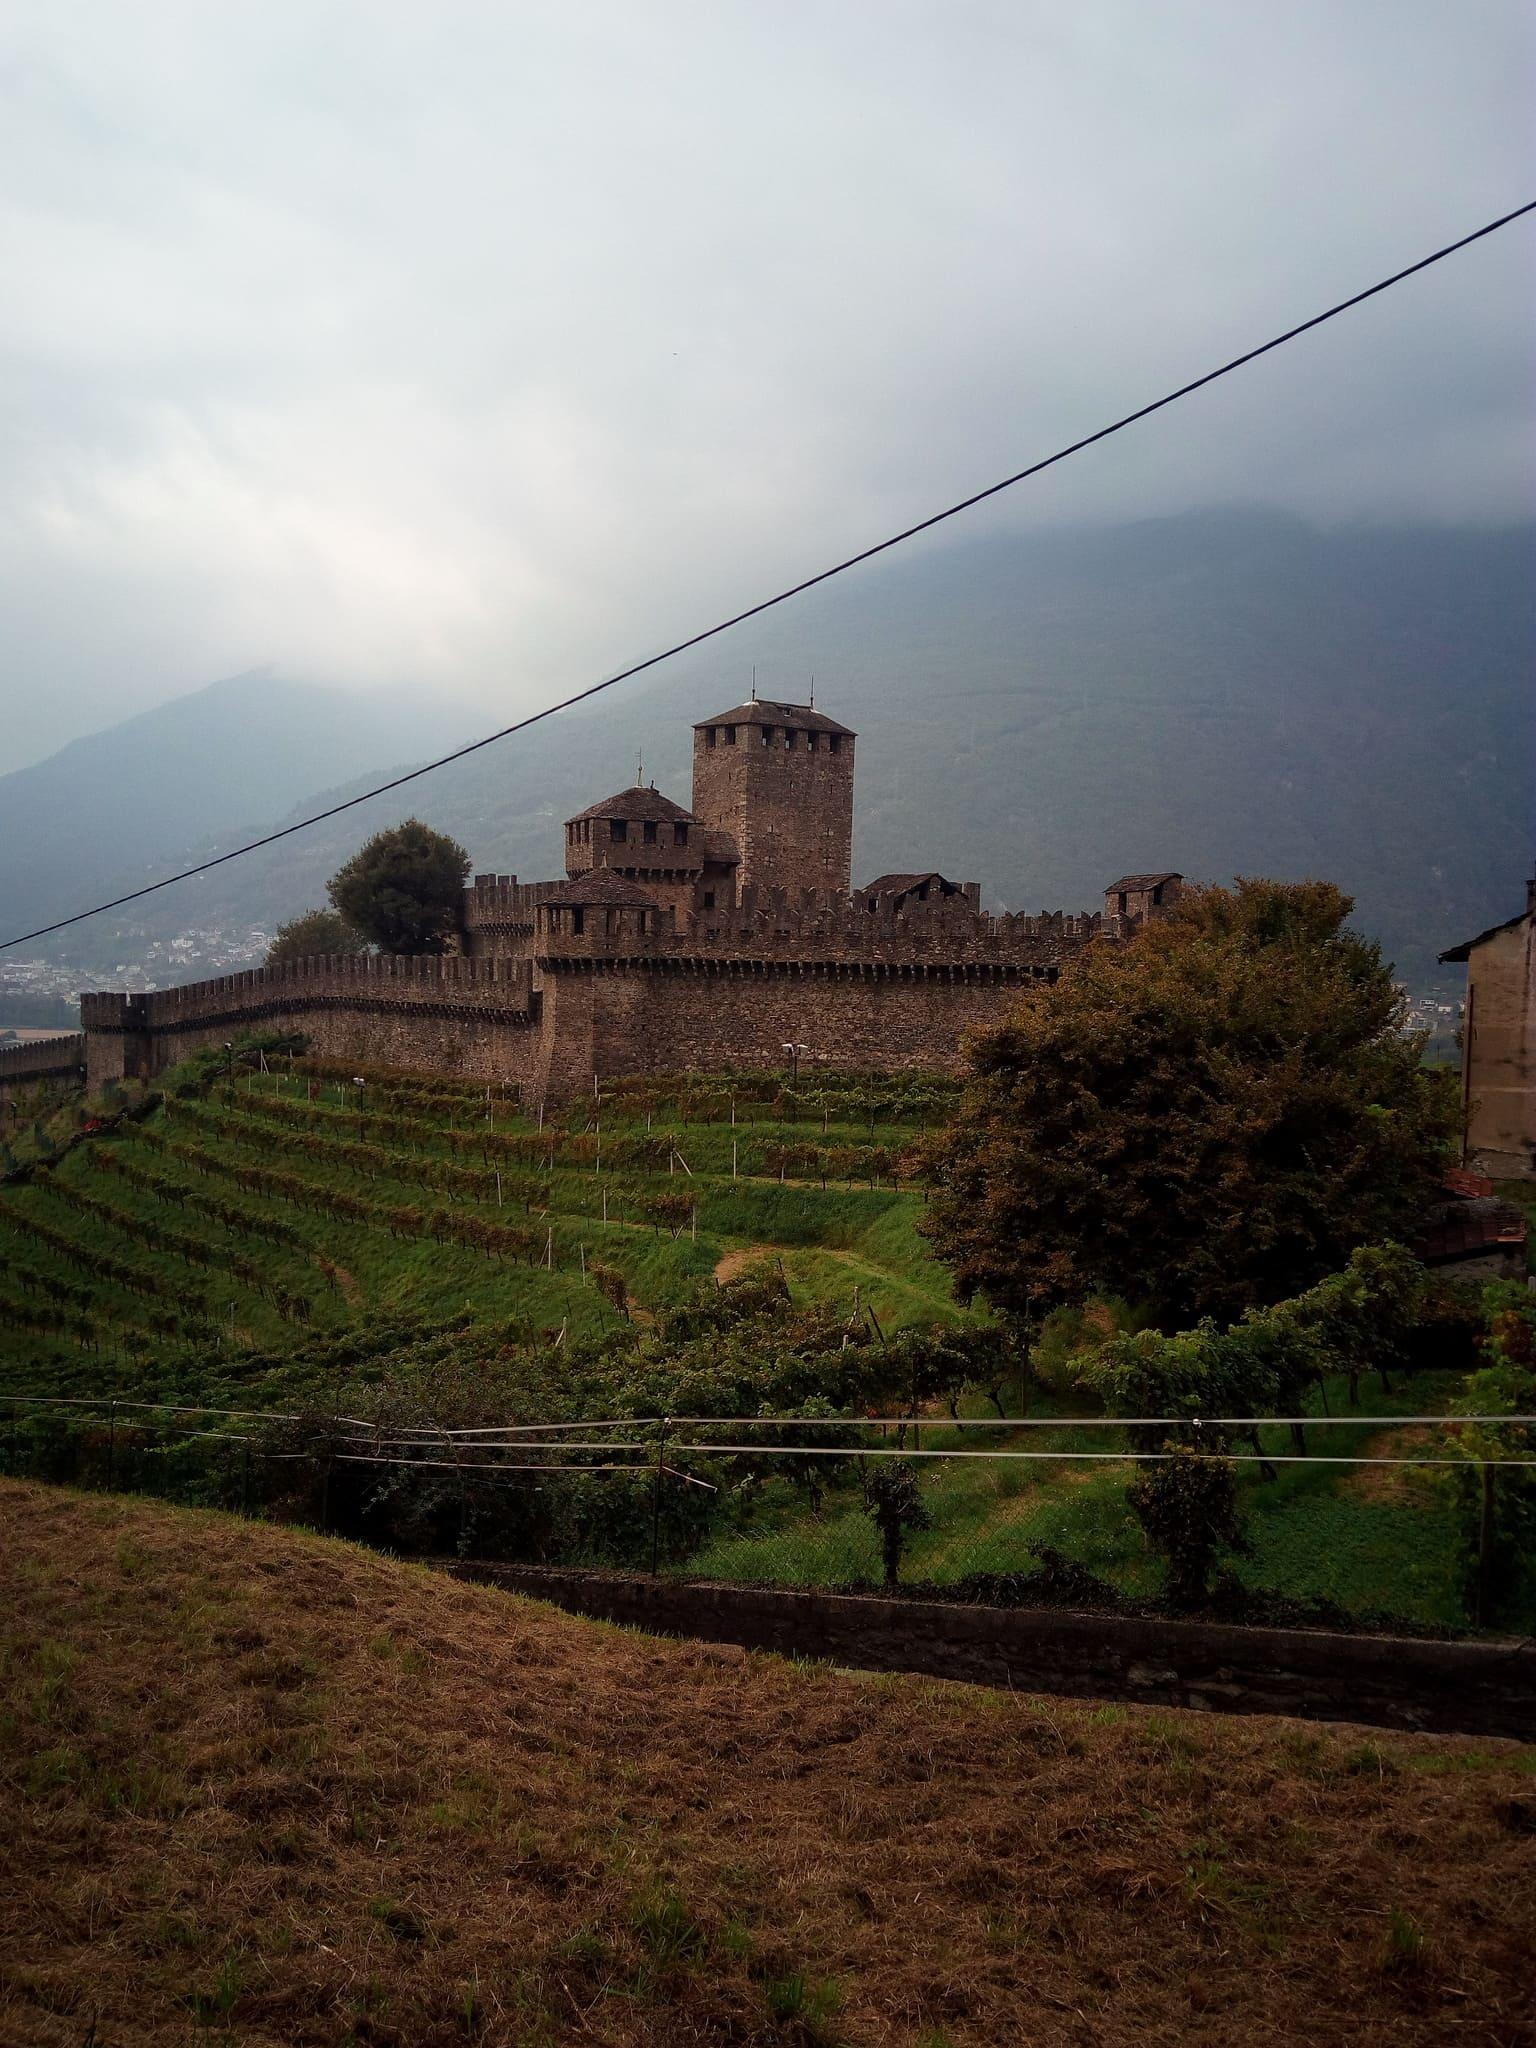 composizione e struttura del castello di Montebello